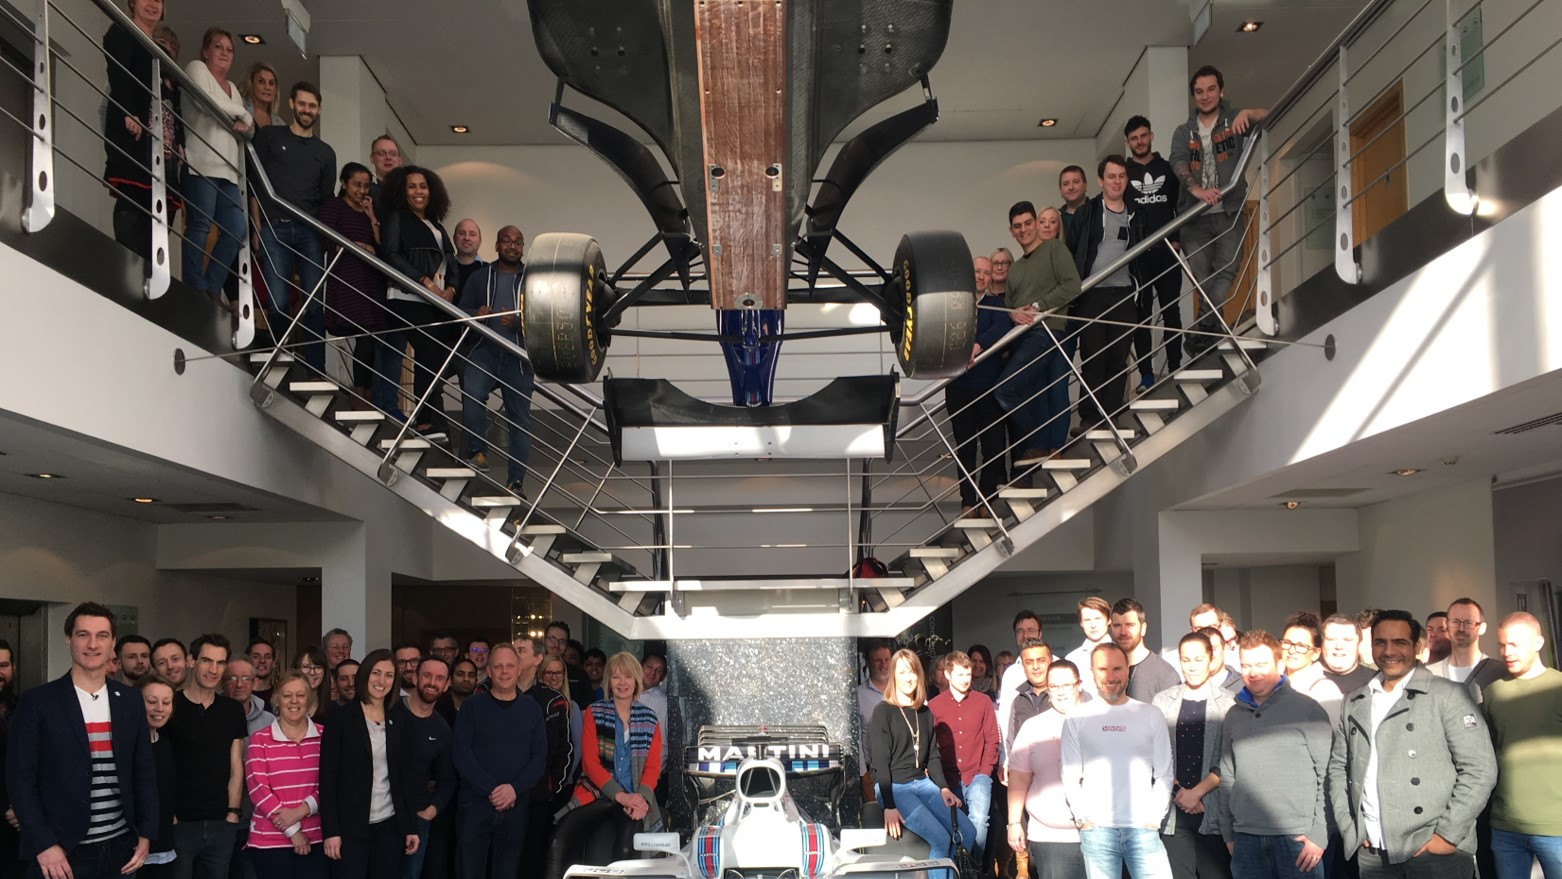 Gladstone Company at Williams Racing venue